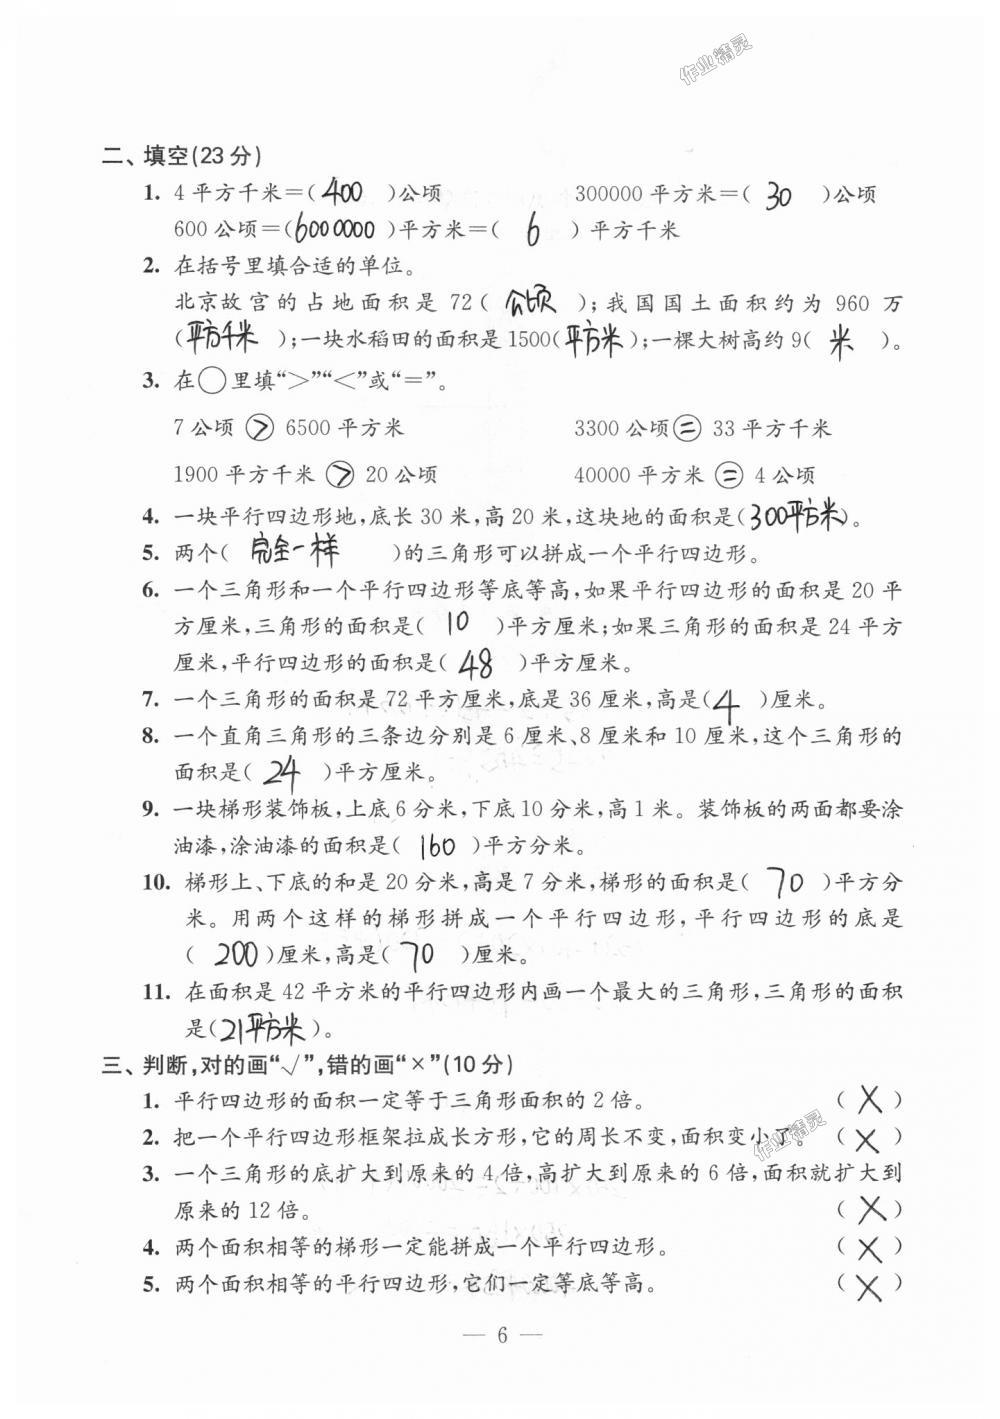 2018年练习与测试检测卷五年级数学上册苏教版第6页